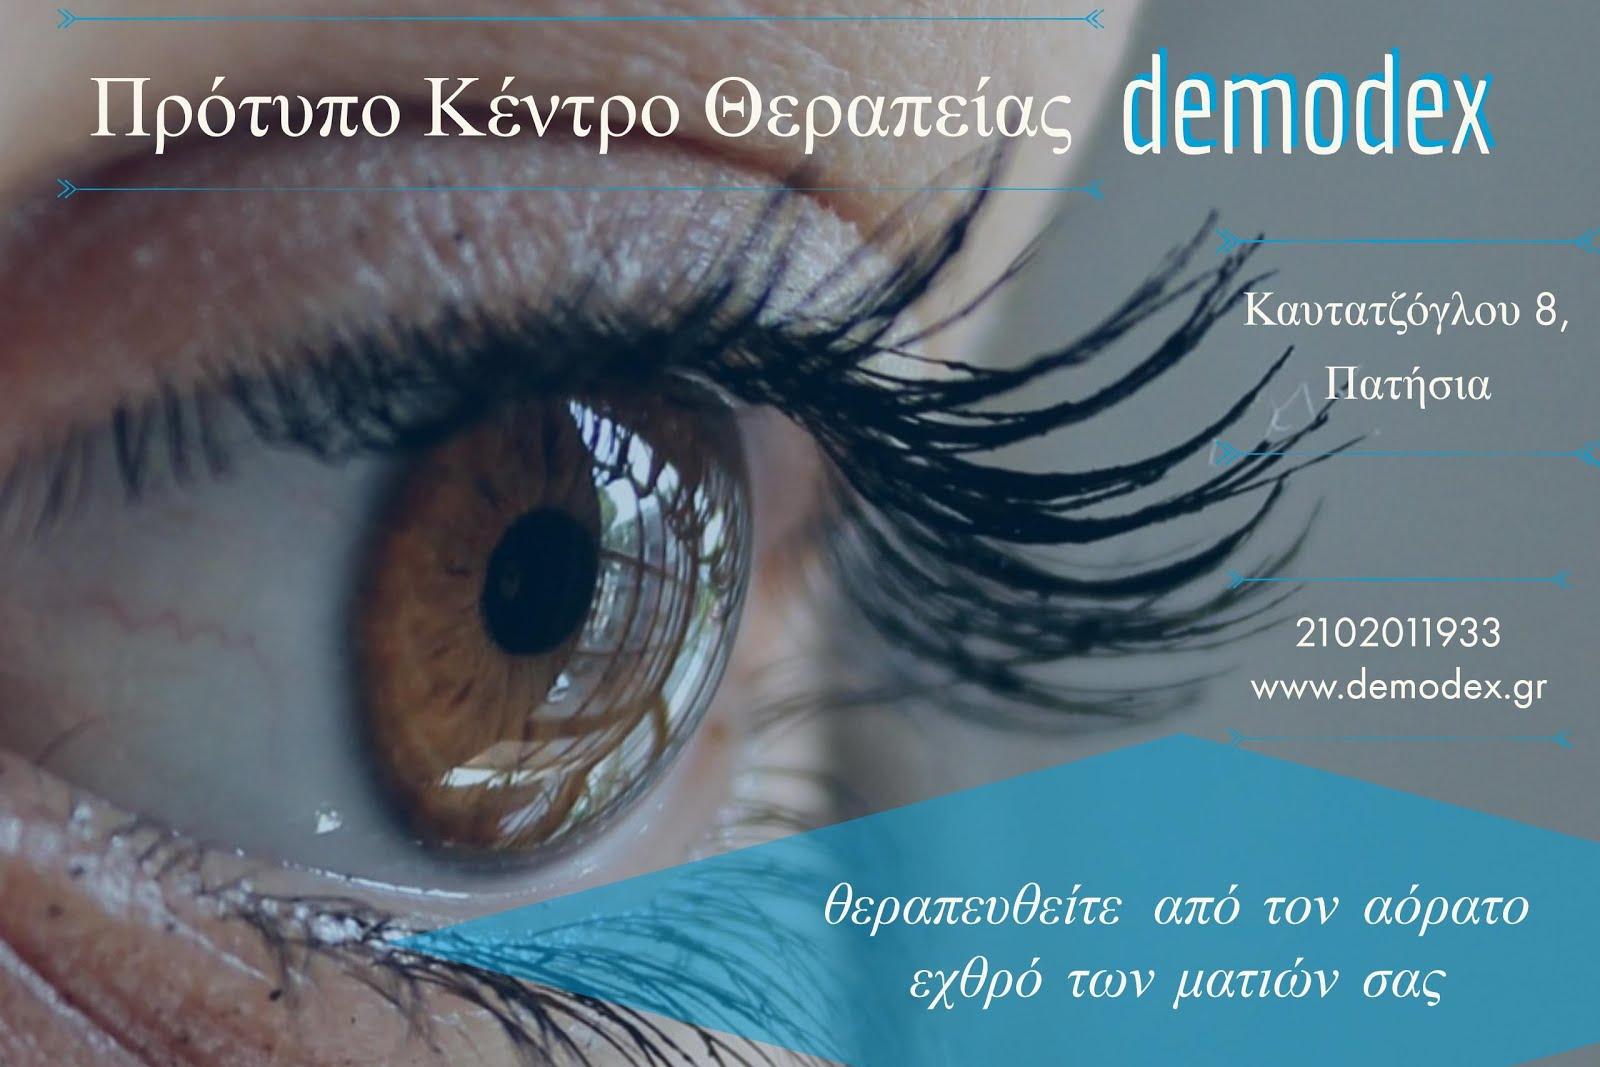 ΘΕΡΑΠΕΙΑ DEMODEX